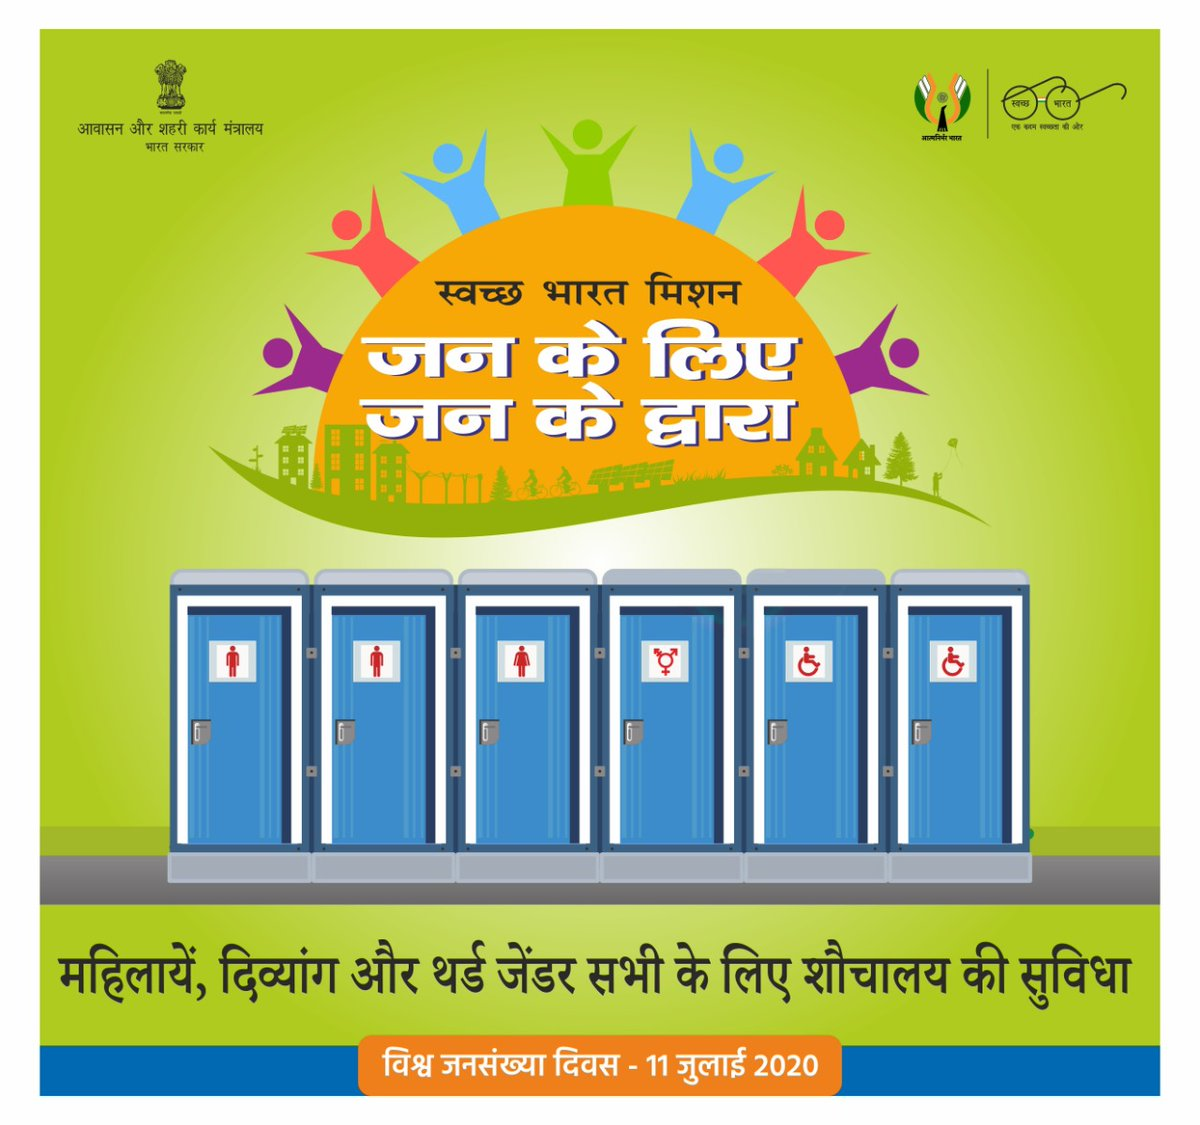 समाज में हर वर्ग के महत्व को ध्यान में रखते हुए स्वच्छ भारत अभियान के अंतर्गत महिलाओं, विकलांगों और ट्रांसजेंडेर्स के लिए ख़ास शौचालय बनाए गए हैं।   हमारे देश में कोई भी, कभी भी आवश्यक स्वच्छता सुविधाओं से वंचित न रहे!  #WorldPopulationDay2020 #WorldPopulationDay #MyCleanIndia https://t.co/1Ax5Vy2U5D